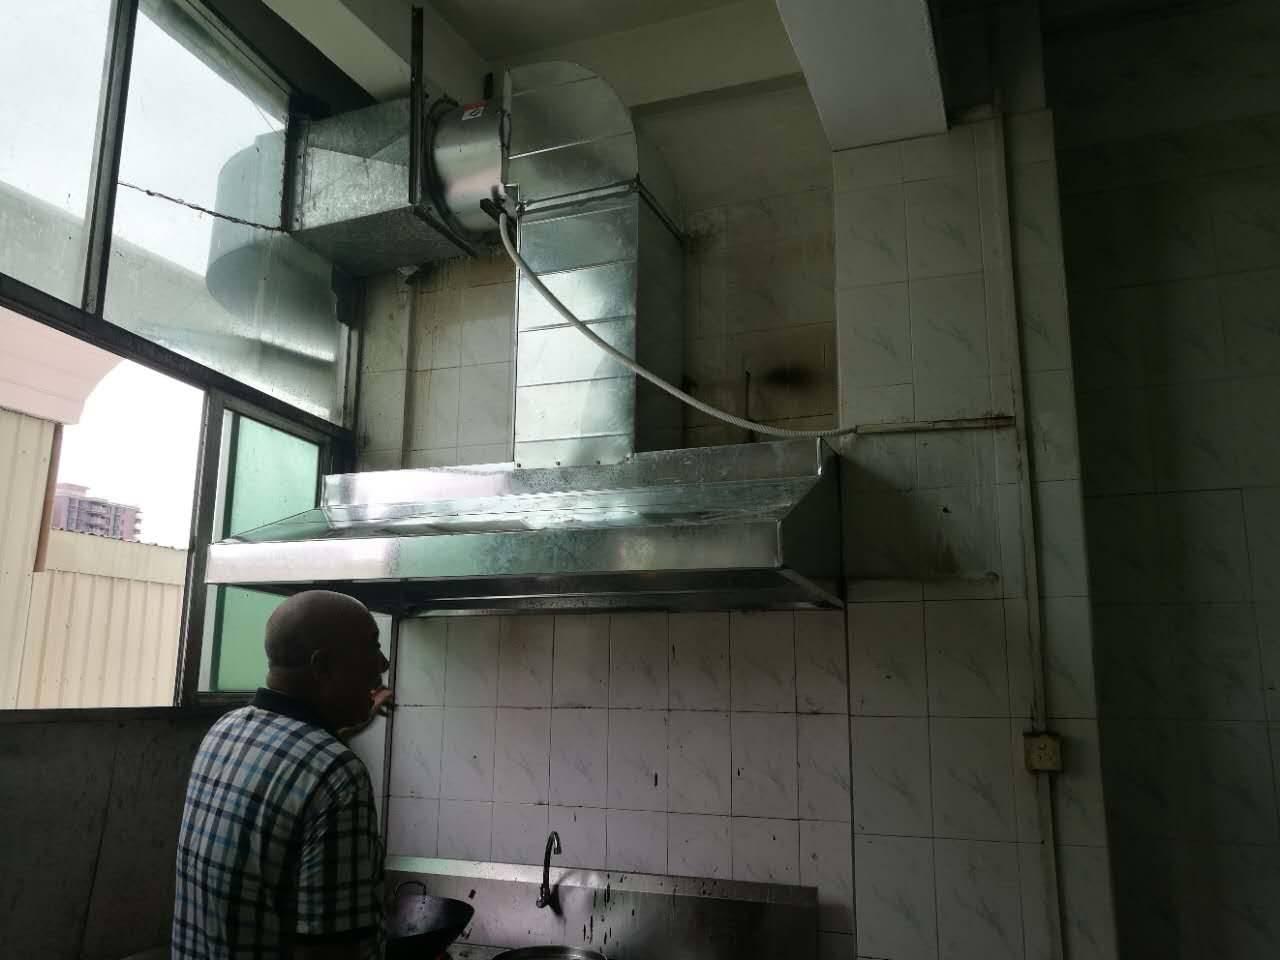 光明厨房油烟管道通风工程